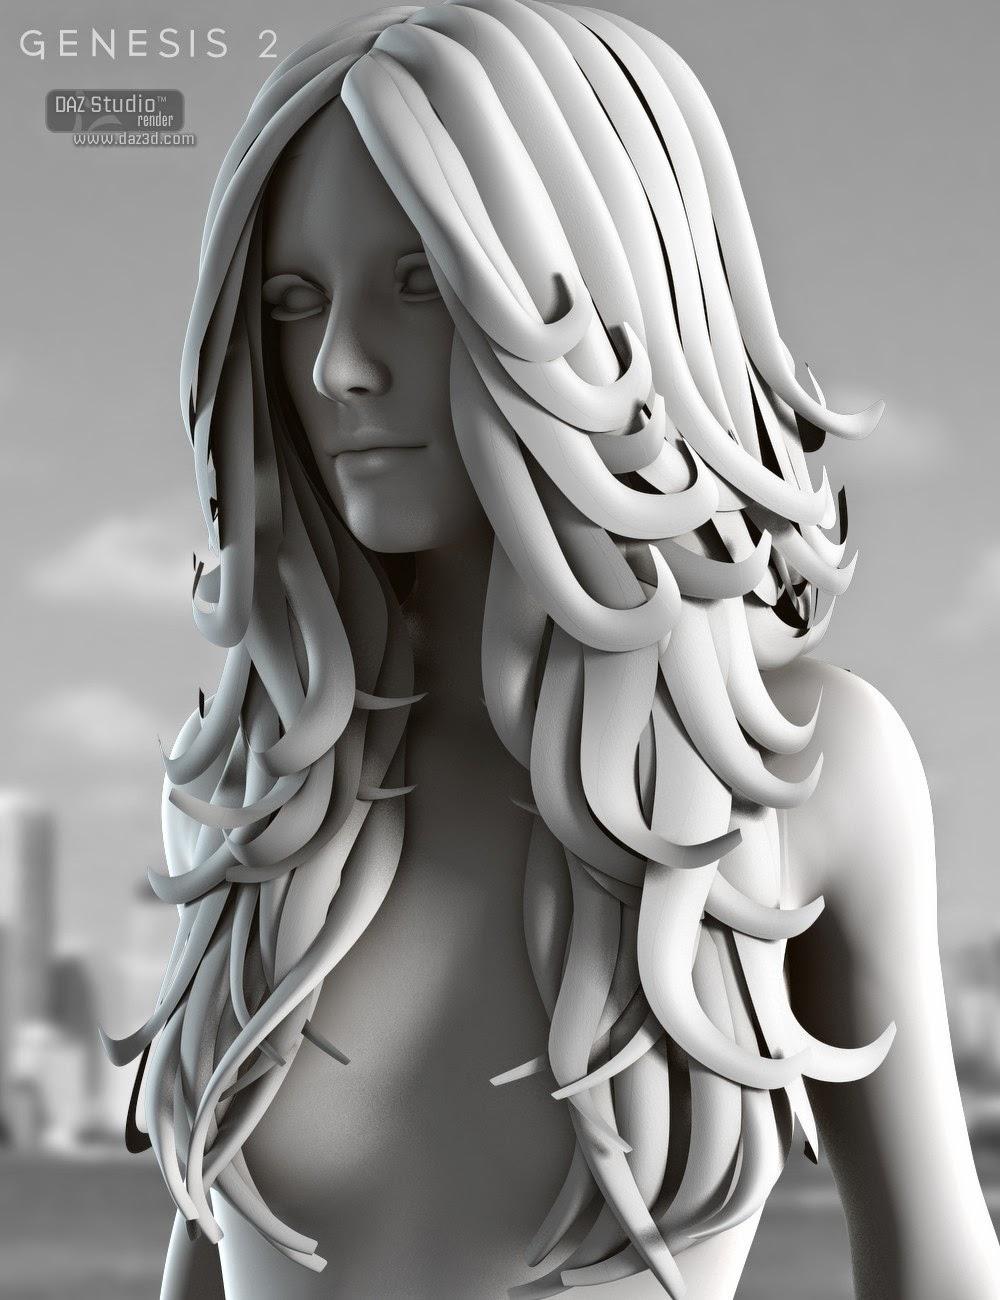 Floride cheveux pour Genesis 2 Femme